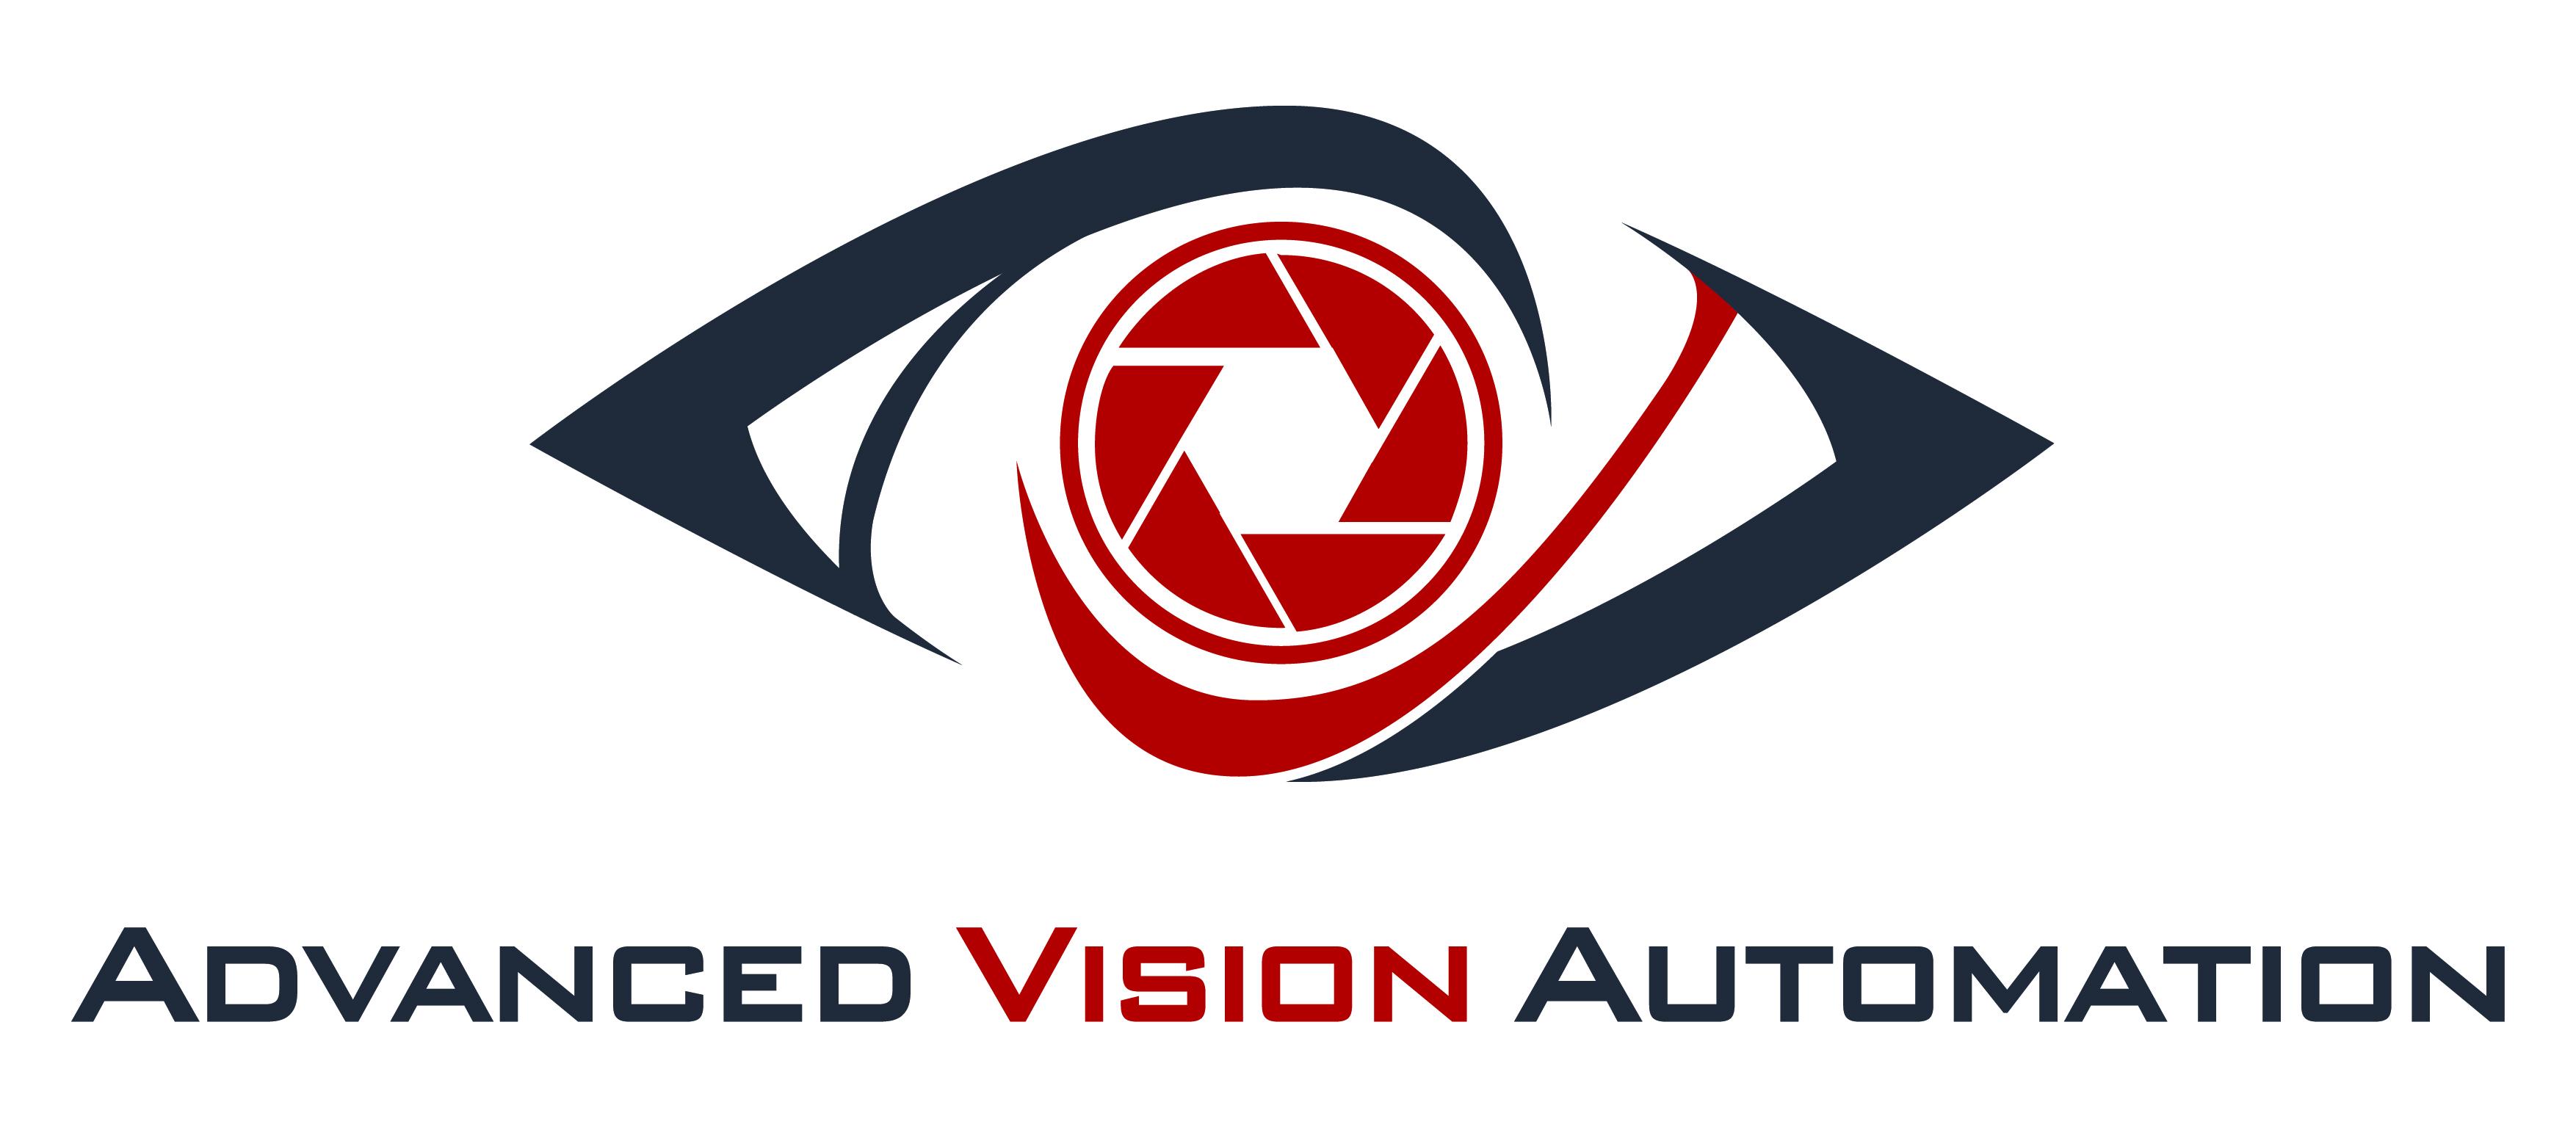 Công ty TNHH tự động hóa thị giác máy - AVA Vision